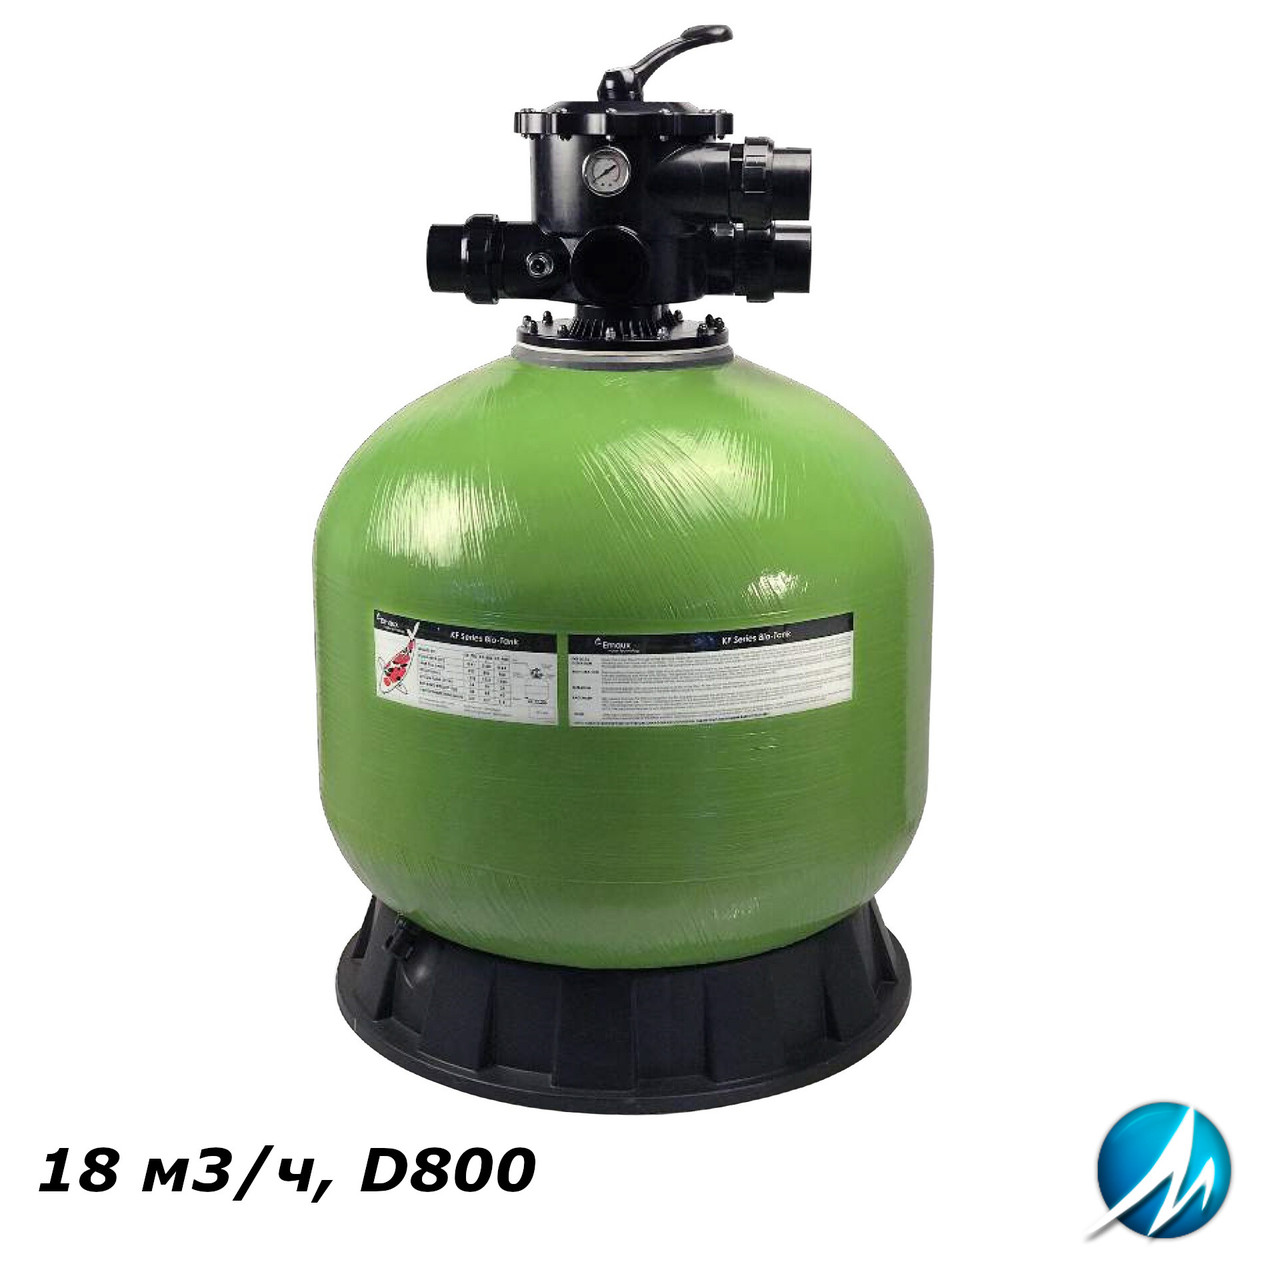 Фильтр Emaux LF800 (18 м3/ч, D800) для прудов